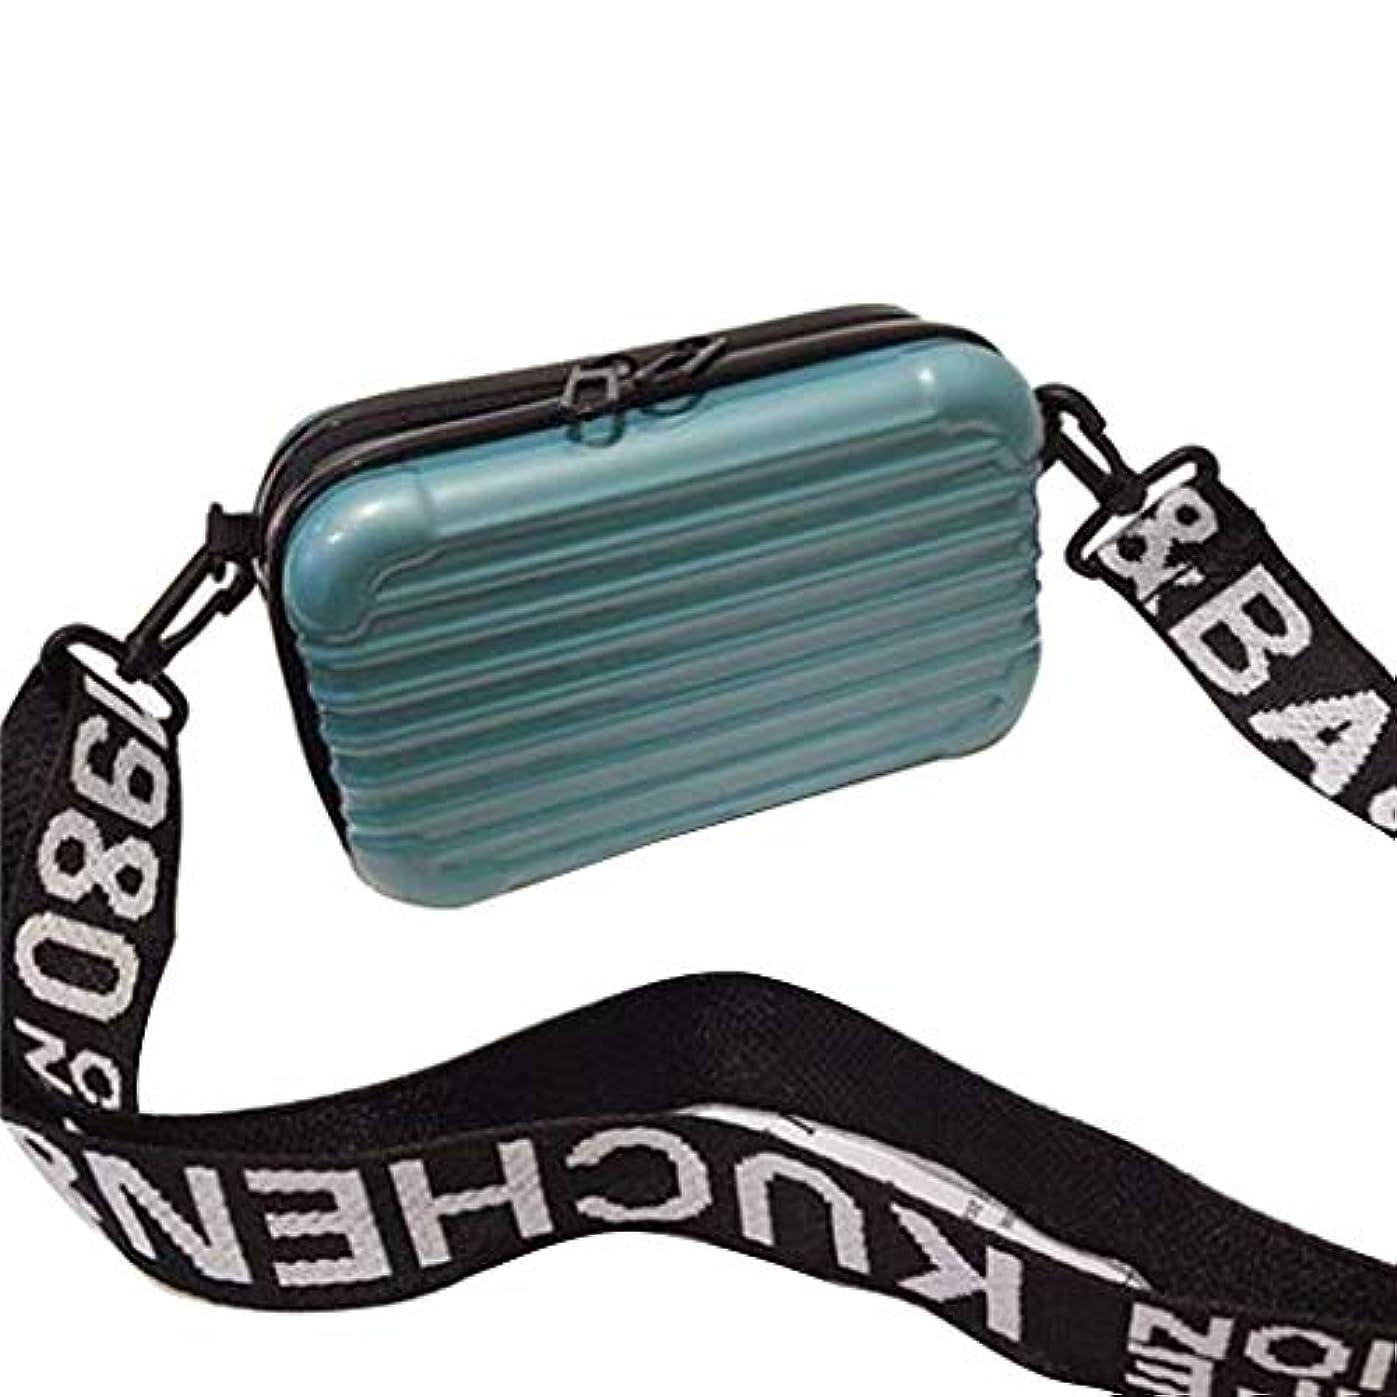 安価な書誌座標Nerhaily 化粧ポーチ 多機能ポーチ 収納バッグ 軽量 旅行 出張 お出かけ 持ち運び便利 スーツケース型 5色選択可 (青)